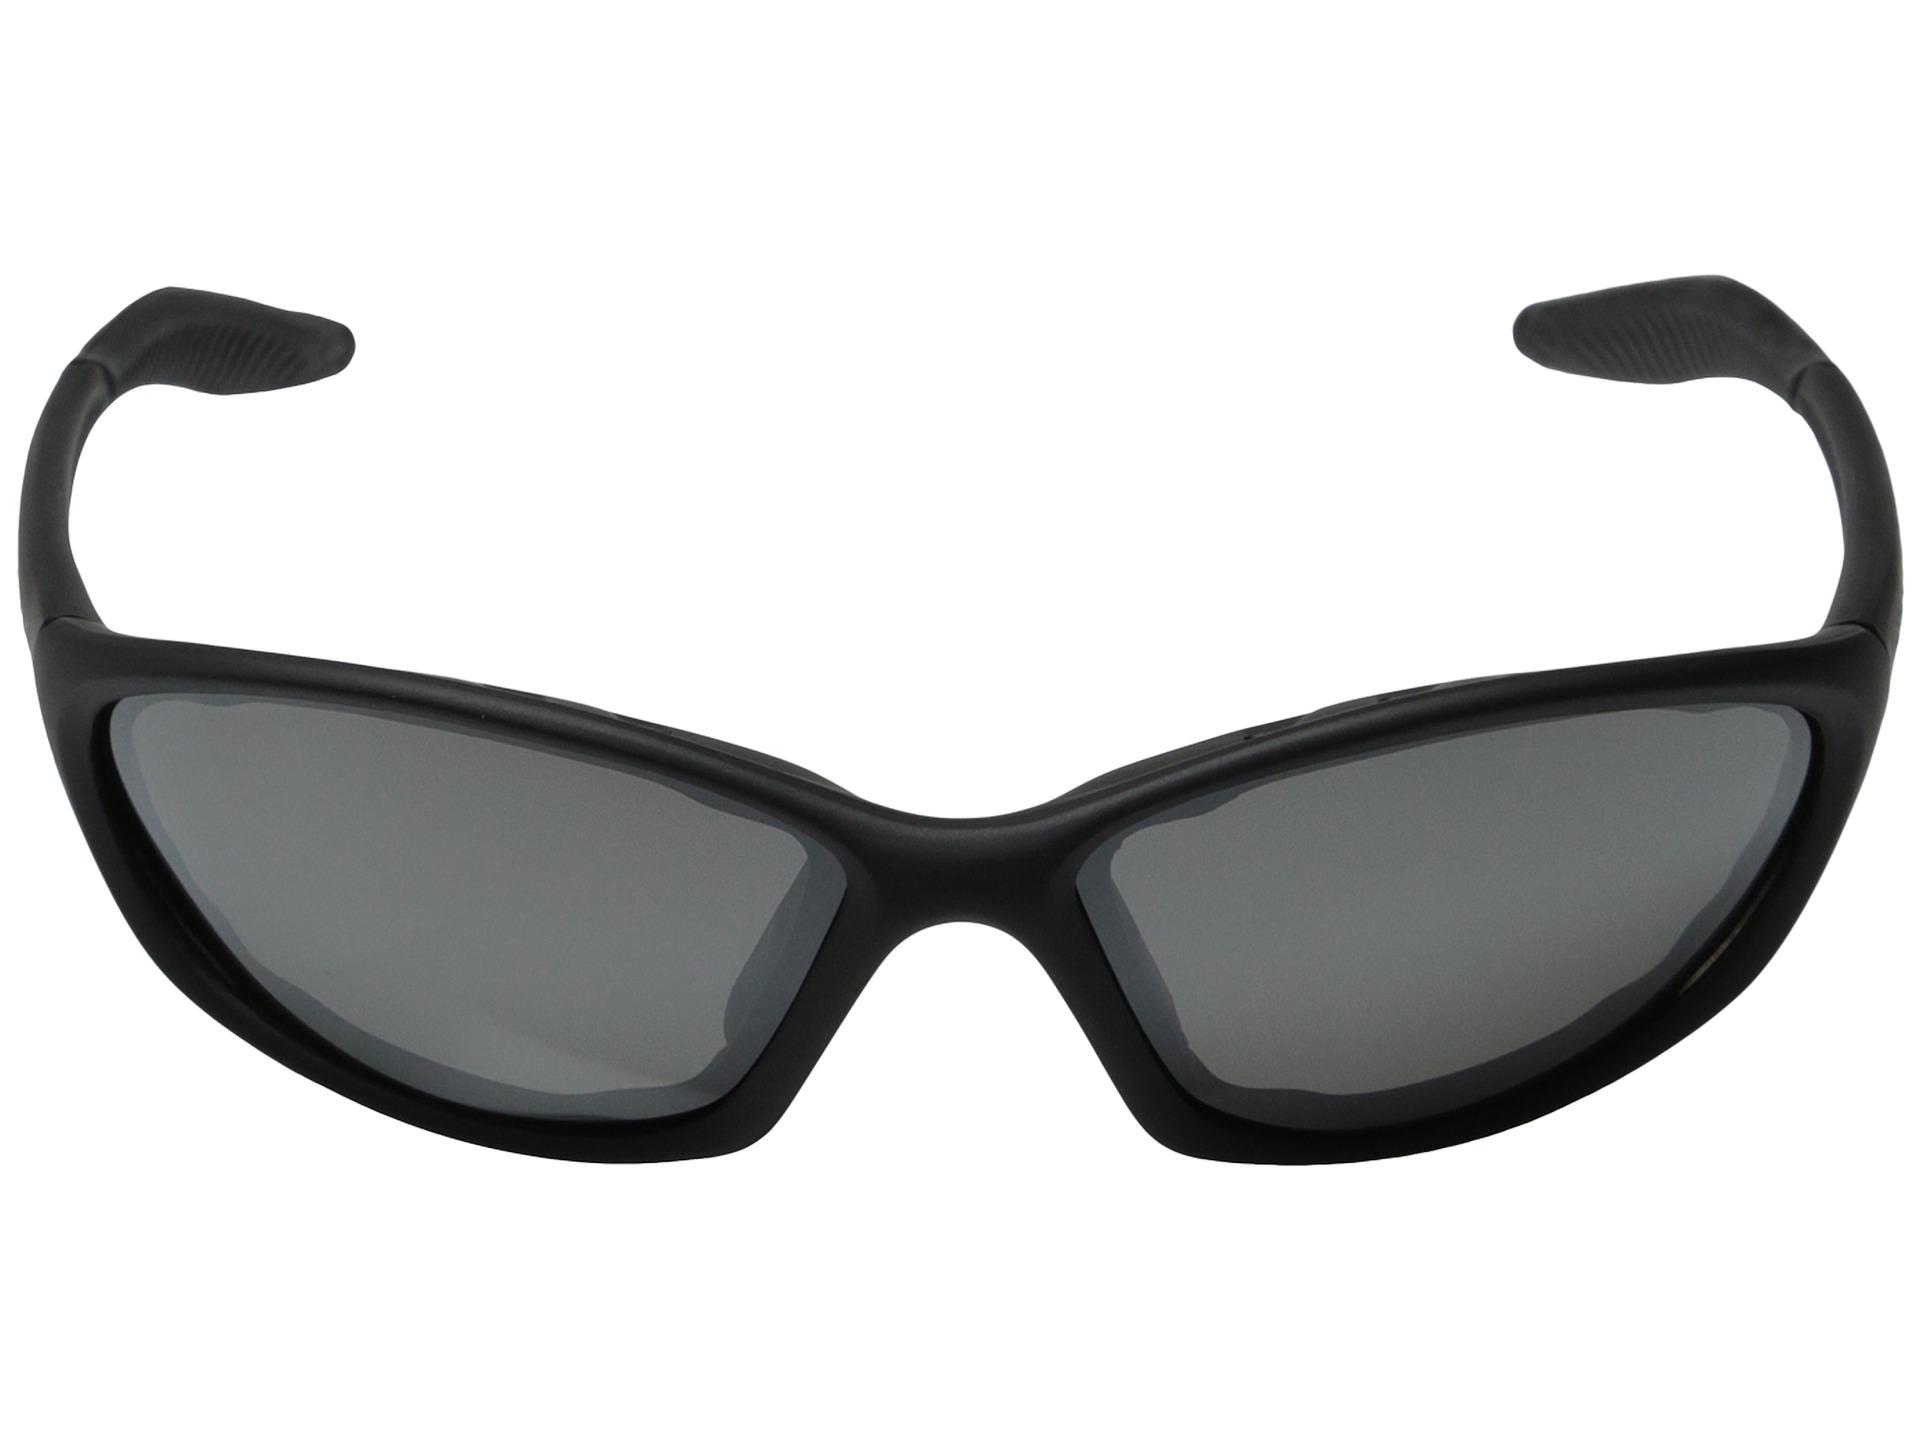 ef2ea1081a1 Native Eyewear Silencer® Reflex Asphalt Silver Reflex Polarized Lens -  gallosalame.com Free